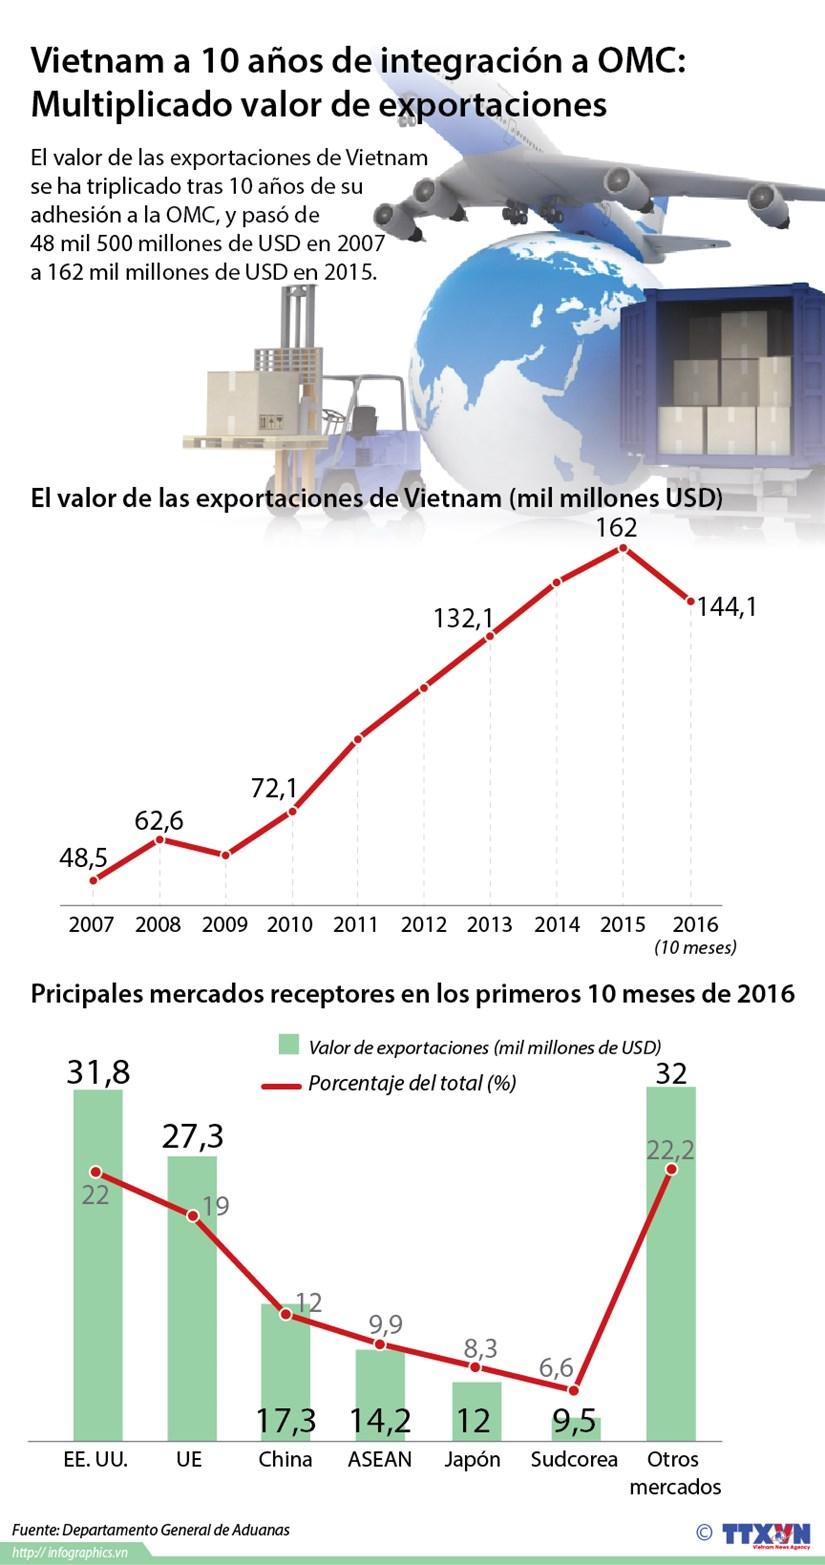 [Infografia] Multiplicado valor de exportaciones de Vietnam tras su adhesion a OMC hinh anh 1